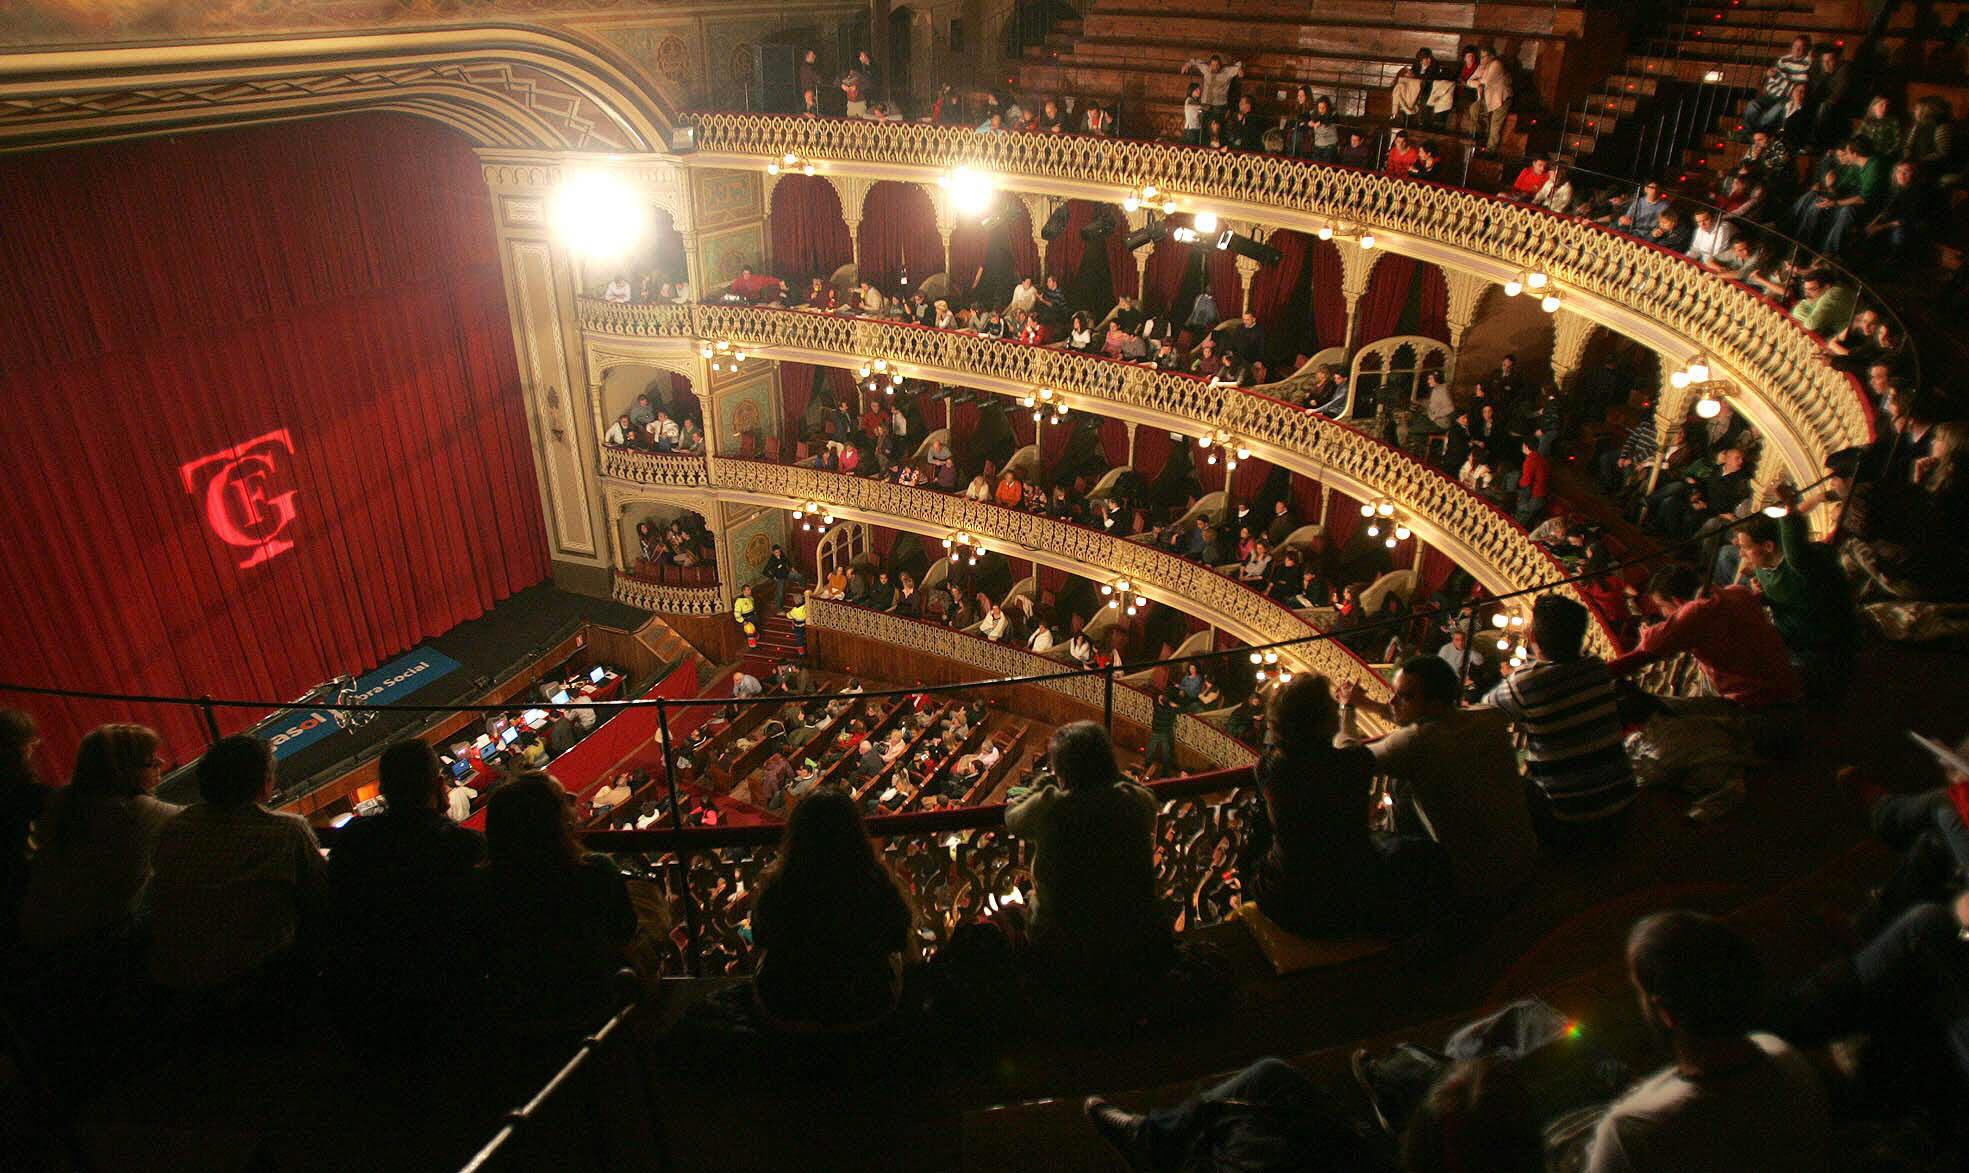 Teatro Falla